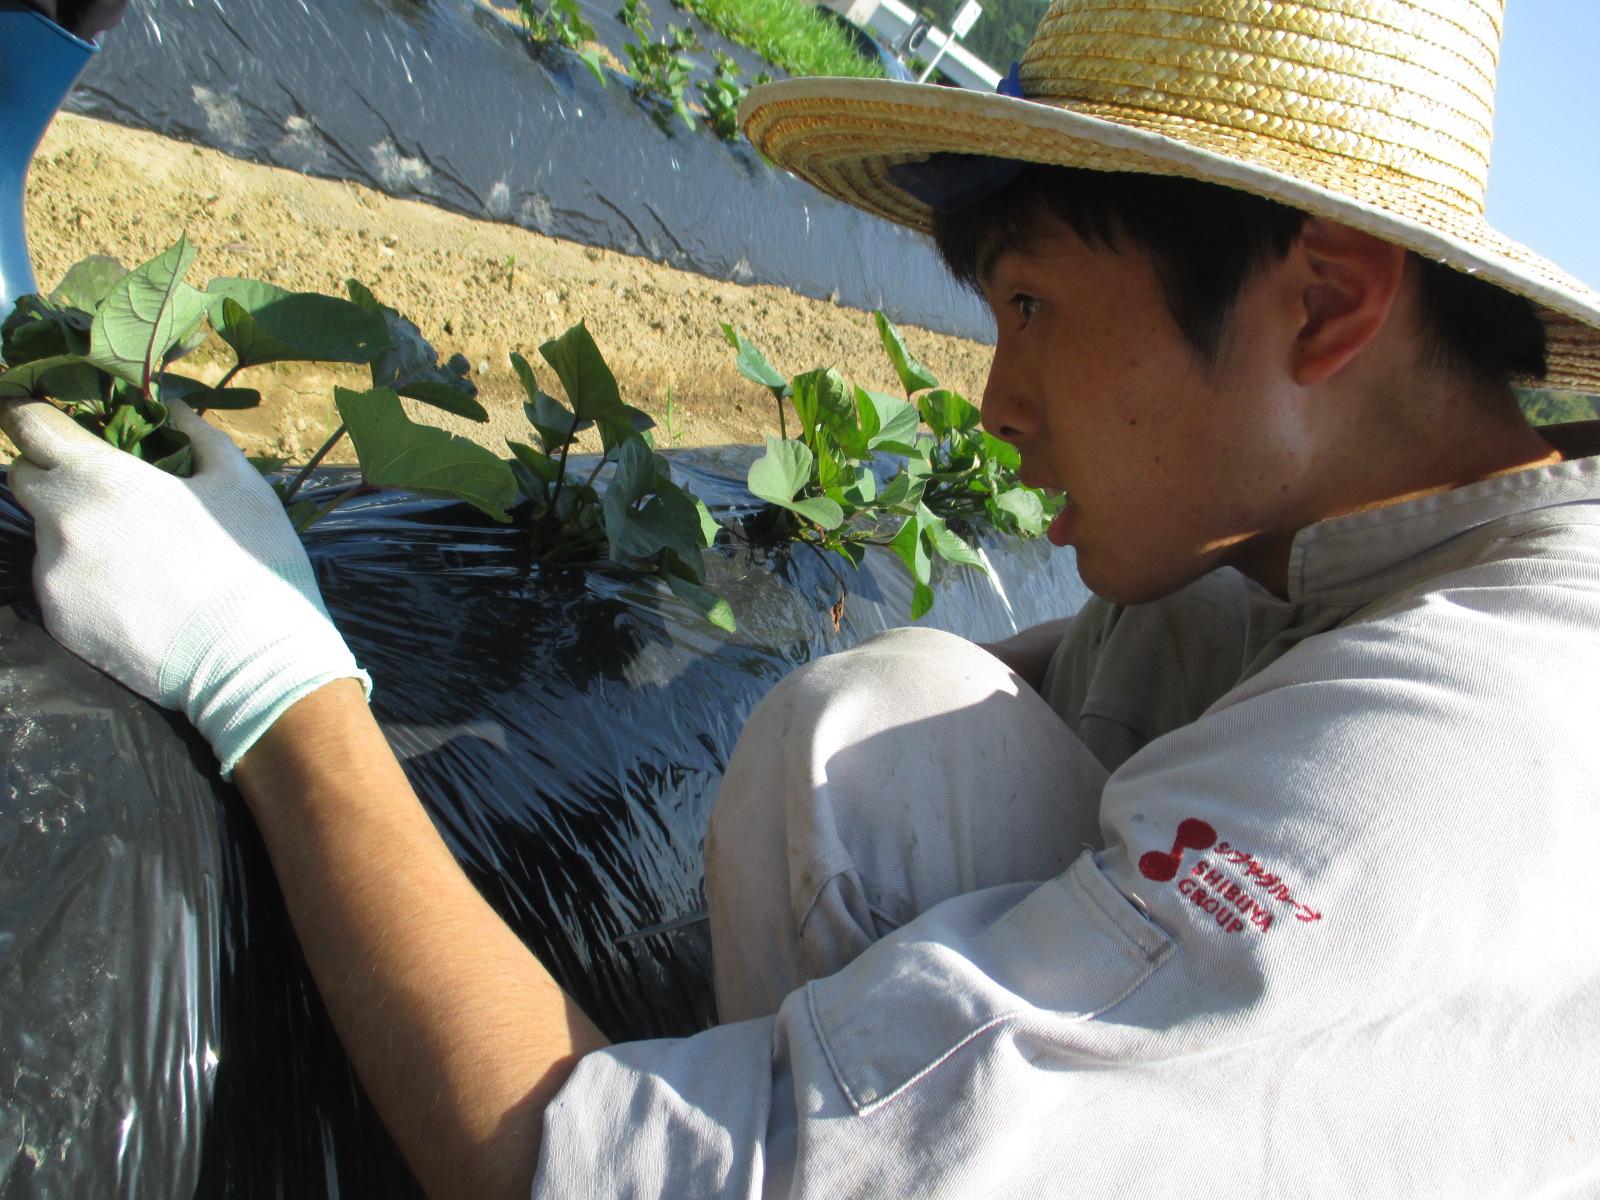 澁谷食品株式会社/【年間休日105日/農業】畑の土作りからさつま芋苗の植付、収穫・出荷まで